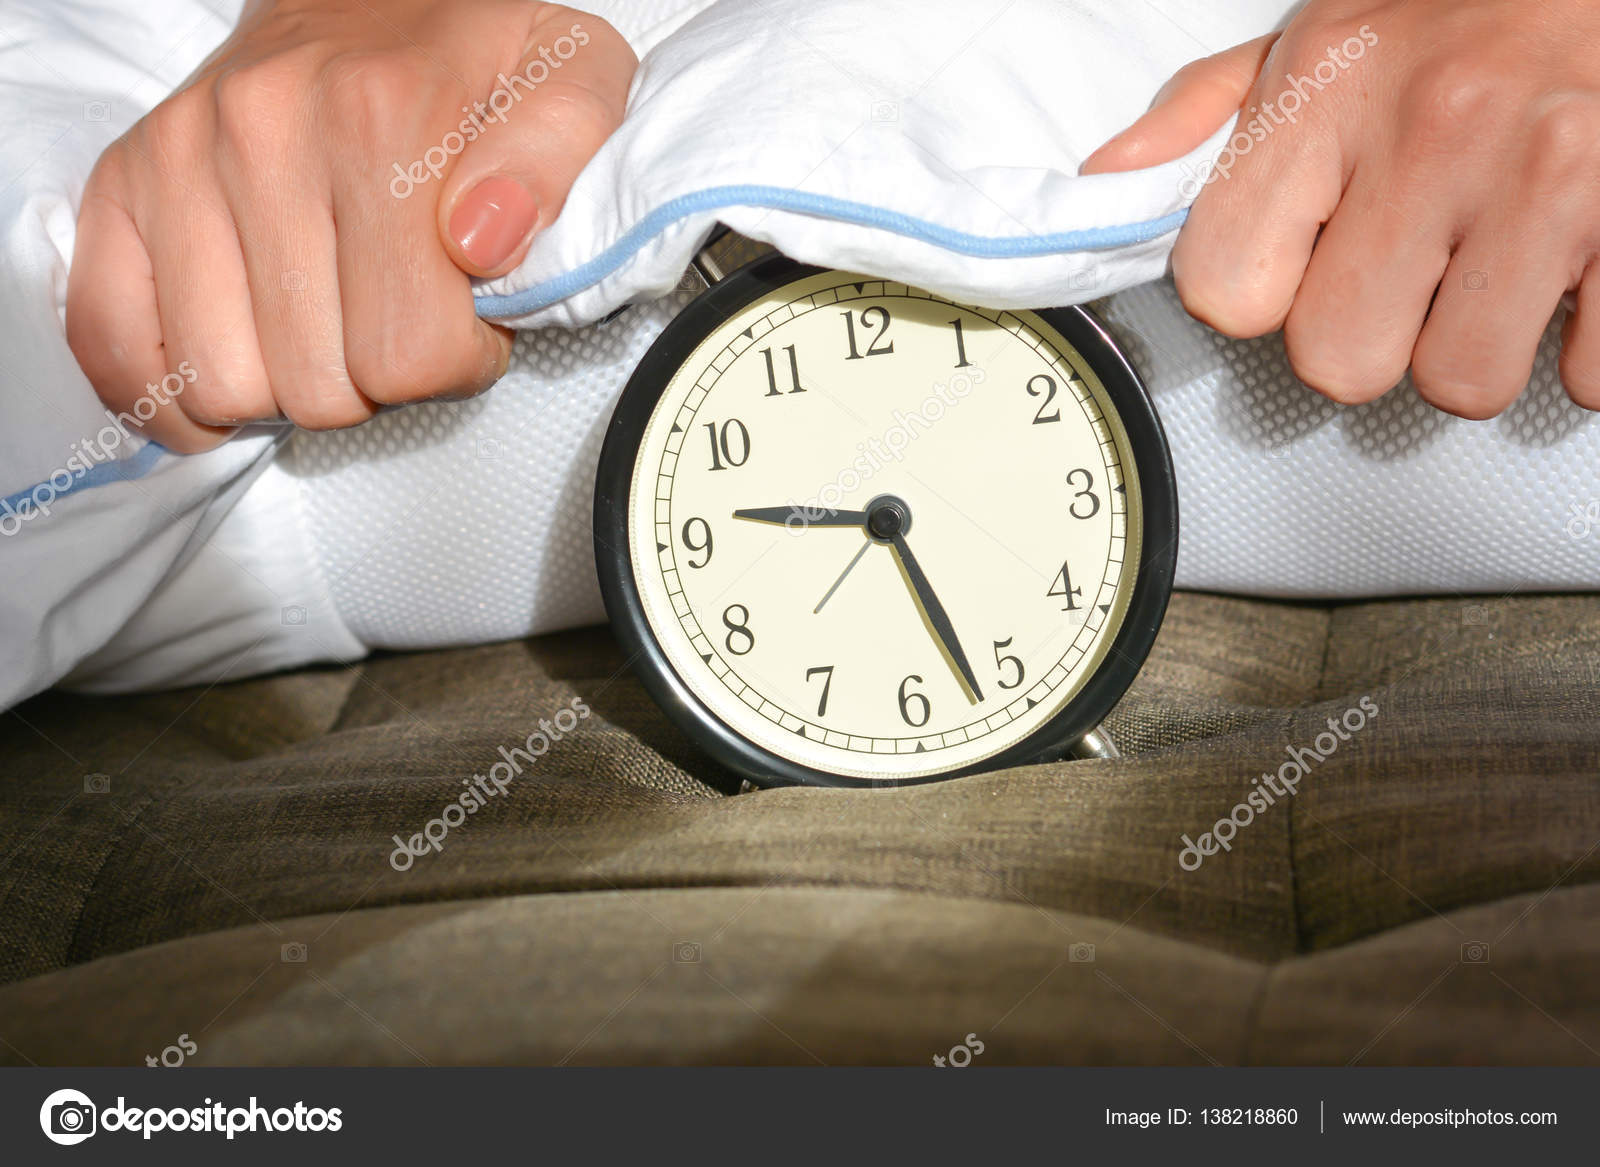 Kussen Wit 12 : Zwarte wekker gedekt door een wit kussen u2014 stockfoto © ai825 #138218860